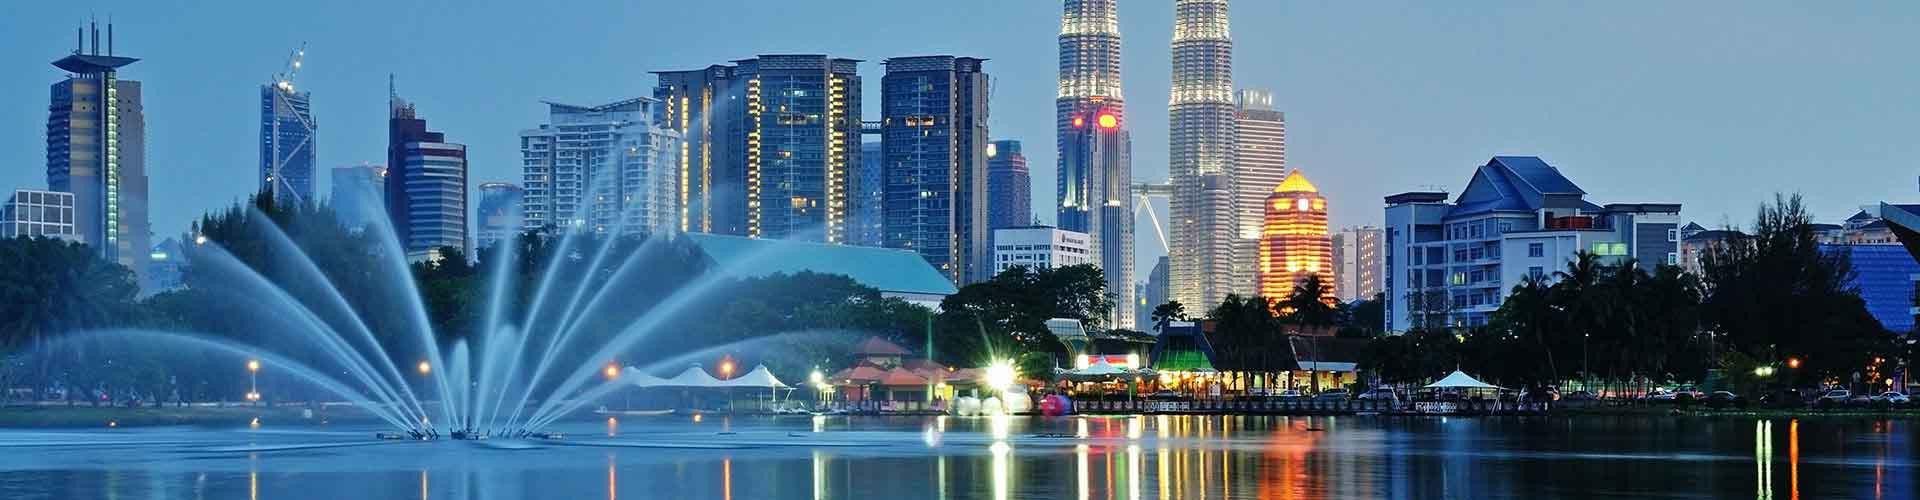 Kuala Lumpur - Auberges de jeunesse dans le quartier de Bandar Tasek Selatan. Cartes pour Kuala Lumpur, photos et commentaires pour chaque auberge de jeunesse à Kuala Lumpur.